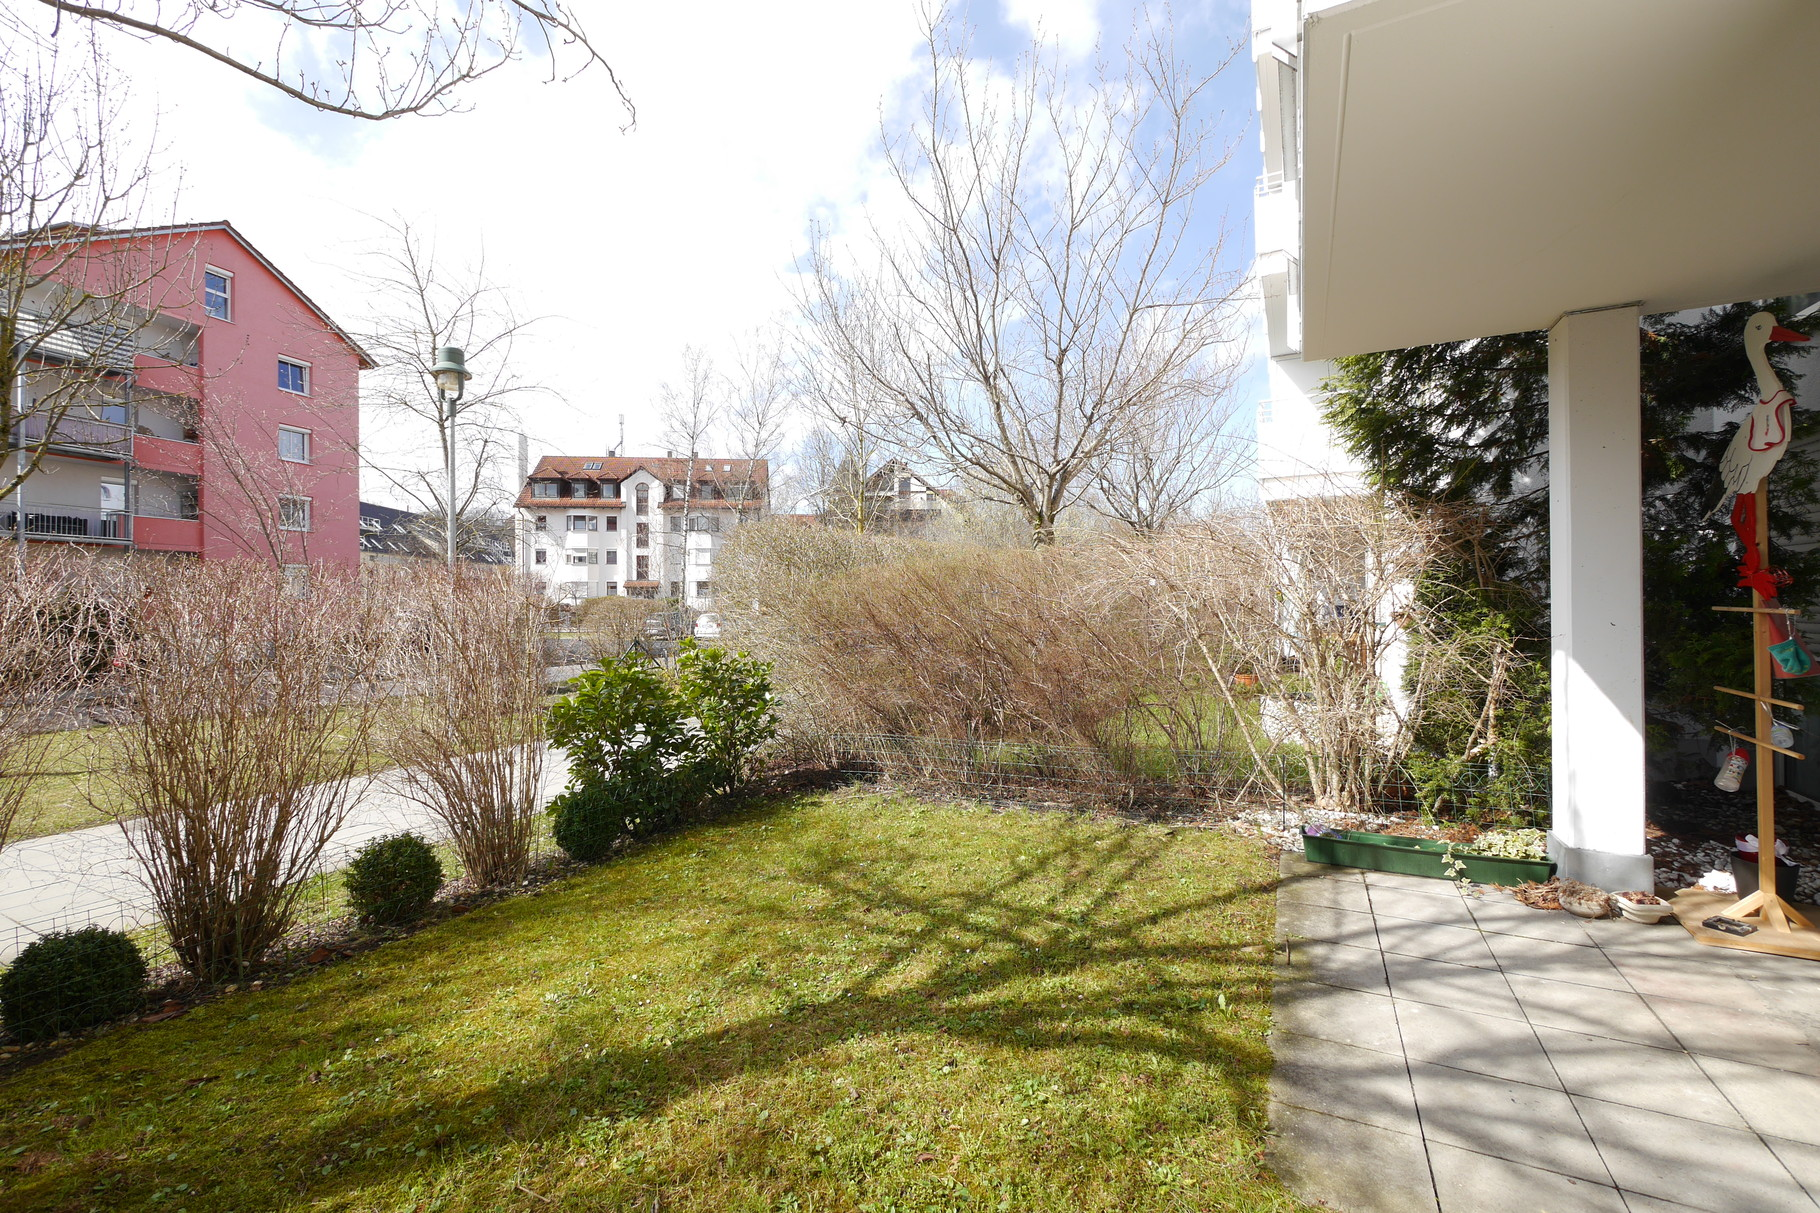 2-Zimmer-Gartenwohnung in 85354 Freising